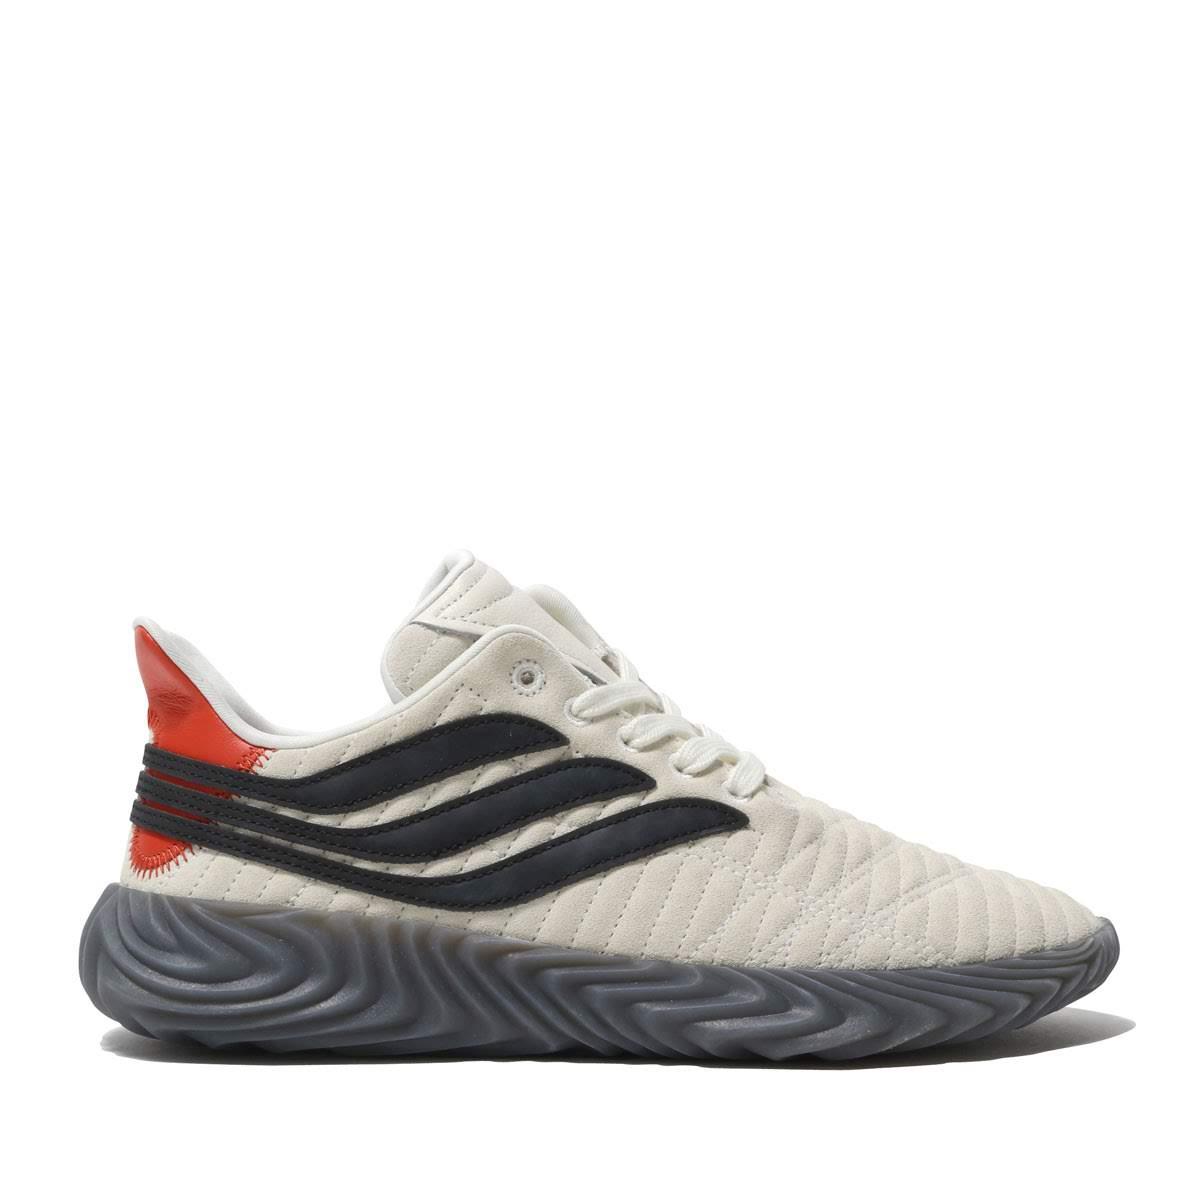 ładne buty szeroki wybór o rozsądnej cenie adidas Originals SOBAKOV MODERN (OFF WHITE/CORE BLACK/RAW AMBER)  (アディダスオリジナルスソバコフモダン)